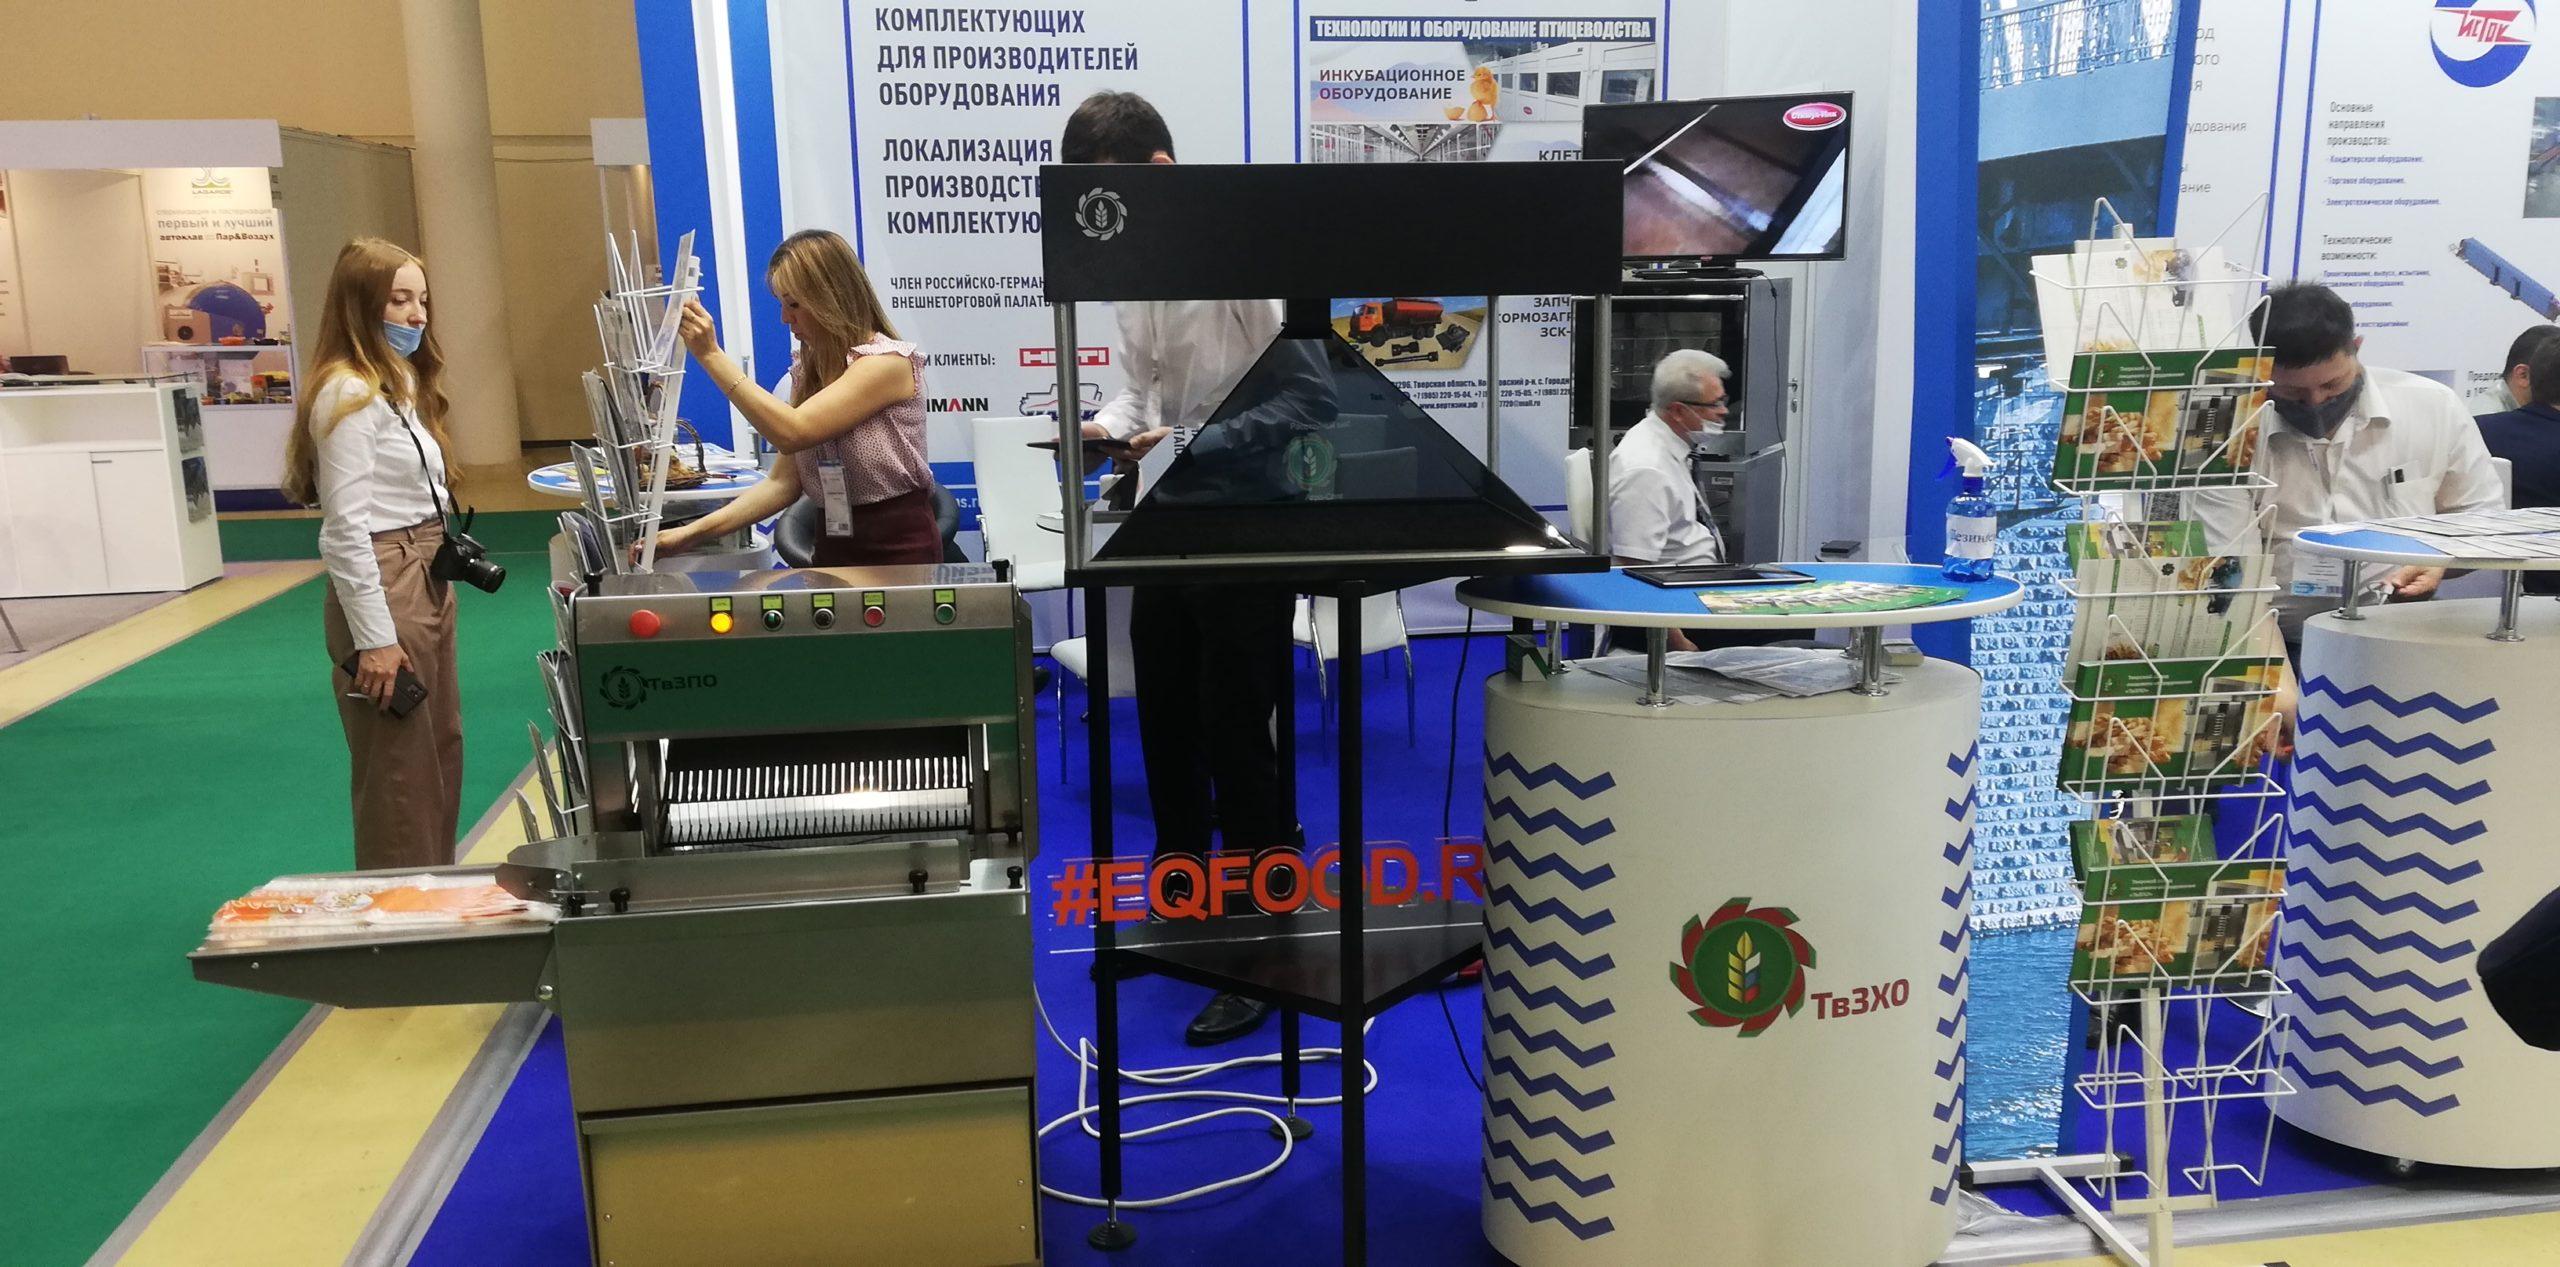 Оборудование ТвЗПО - АгроПродМаш 2020